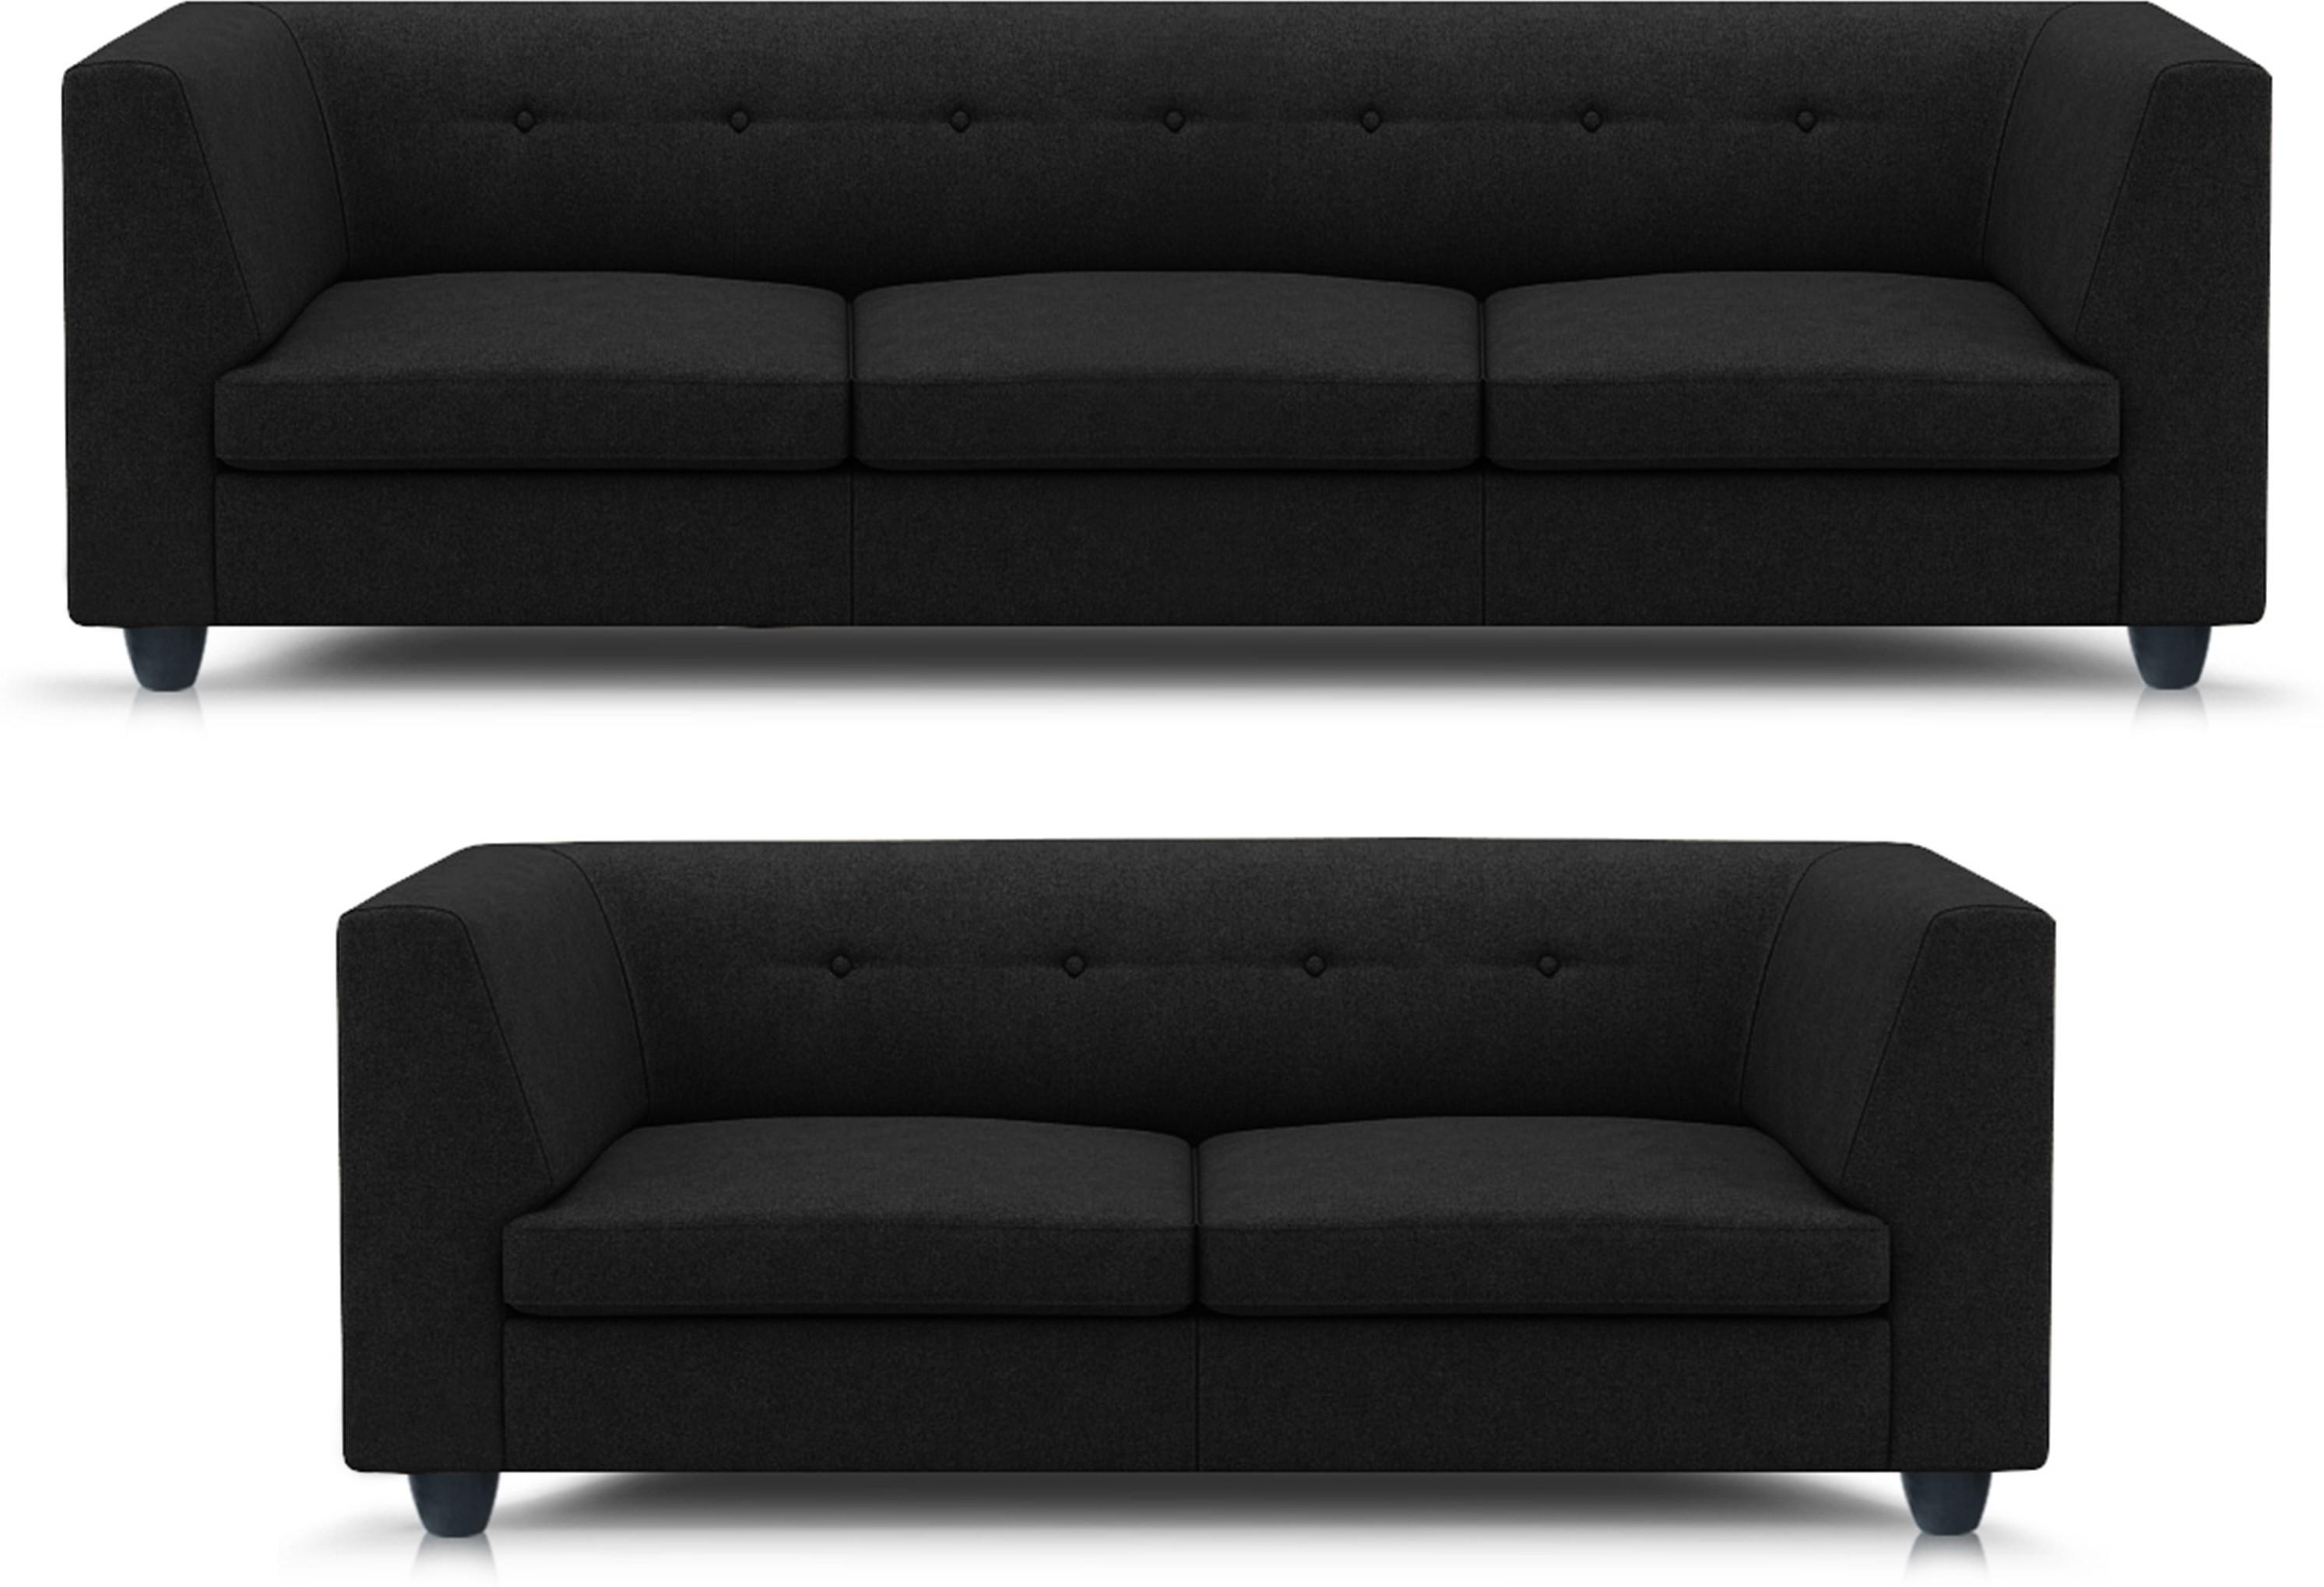 View Adorn homez Modern Solid Wood 3 + 2 Black Sofa Set Furniture (Adorn homez)